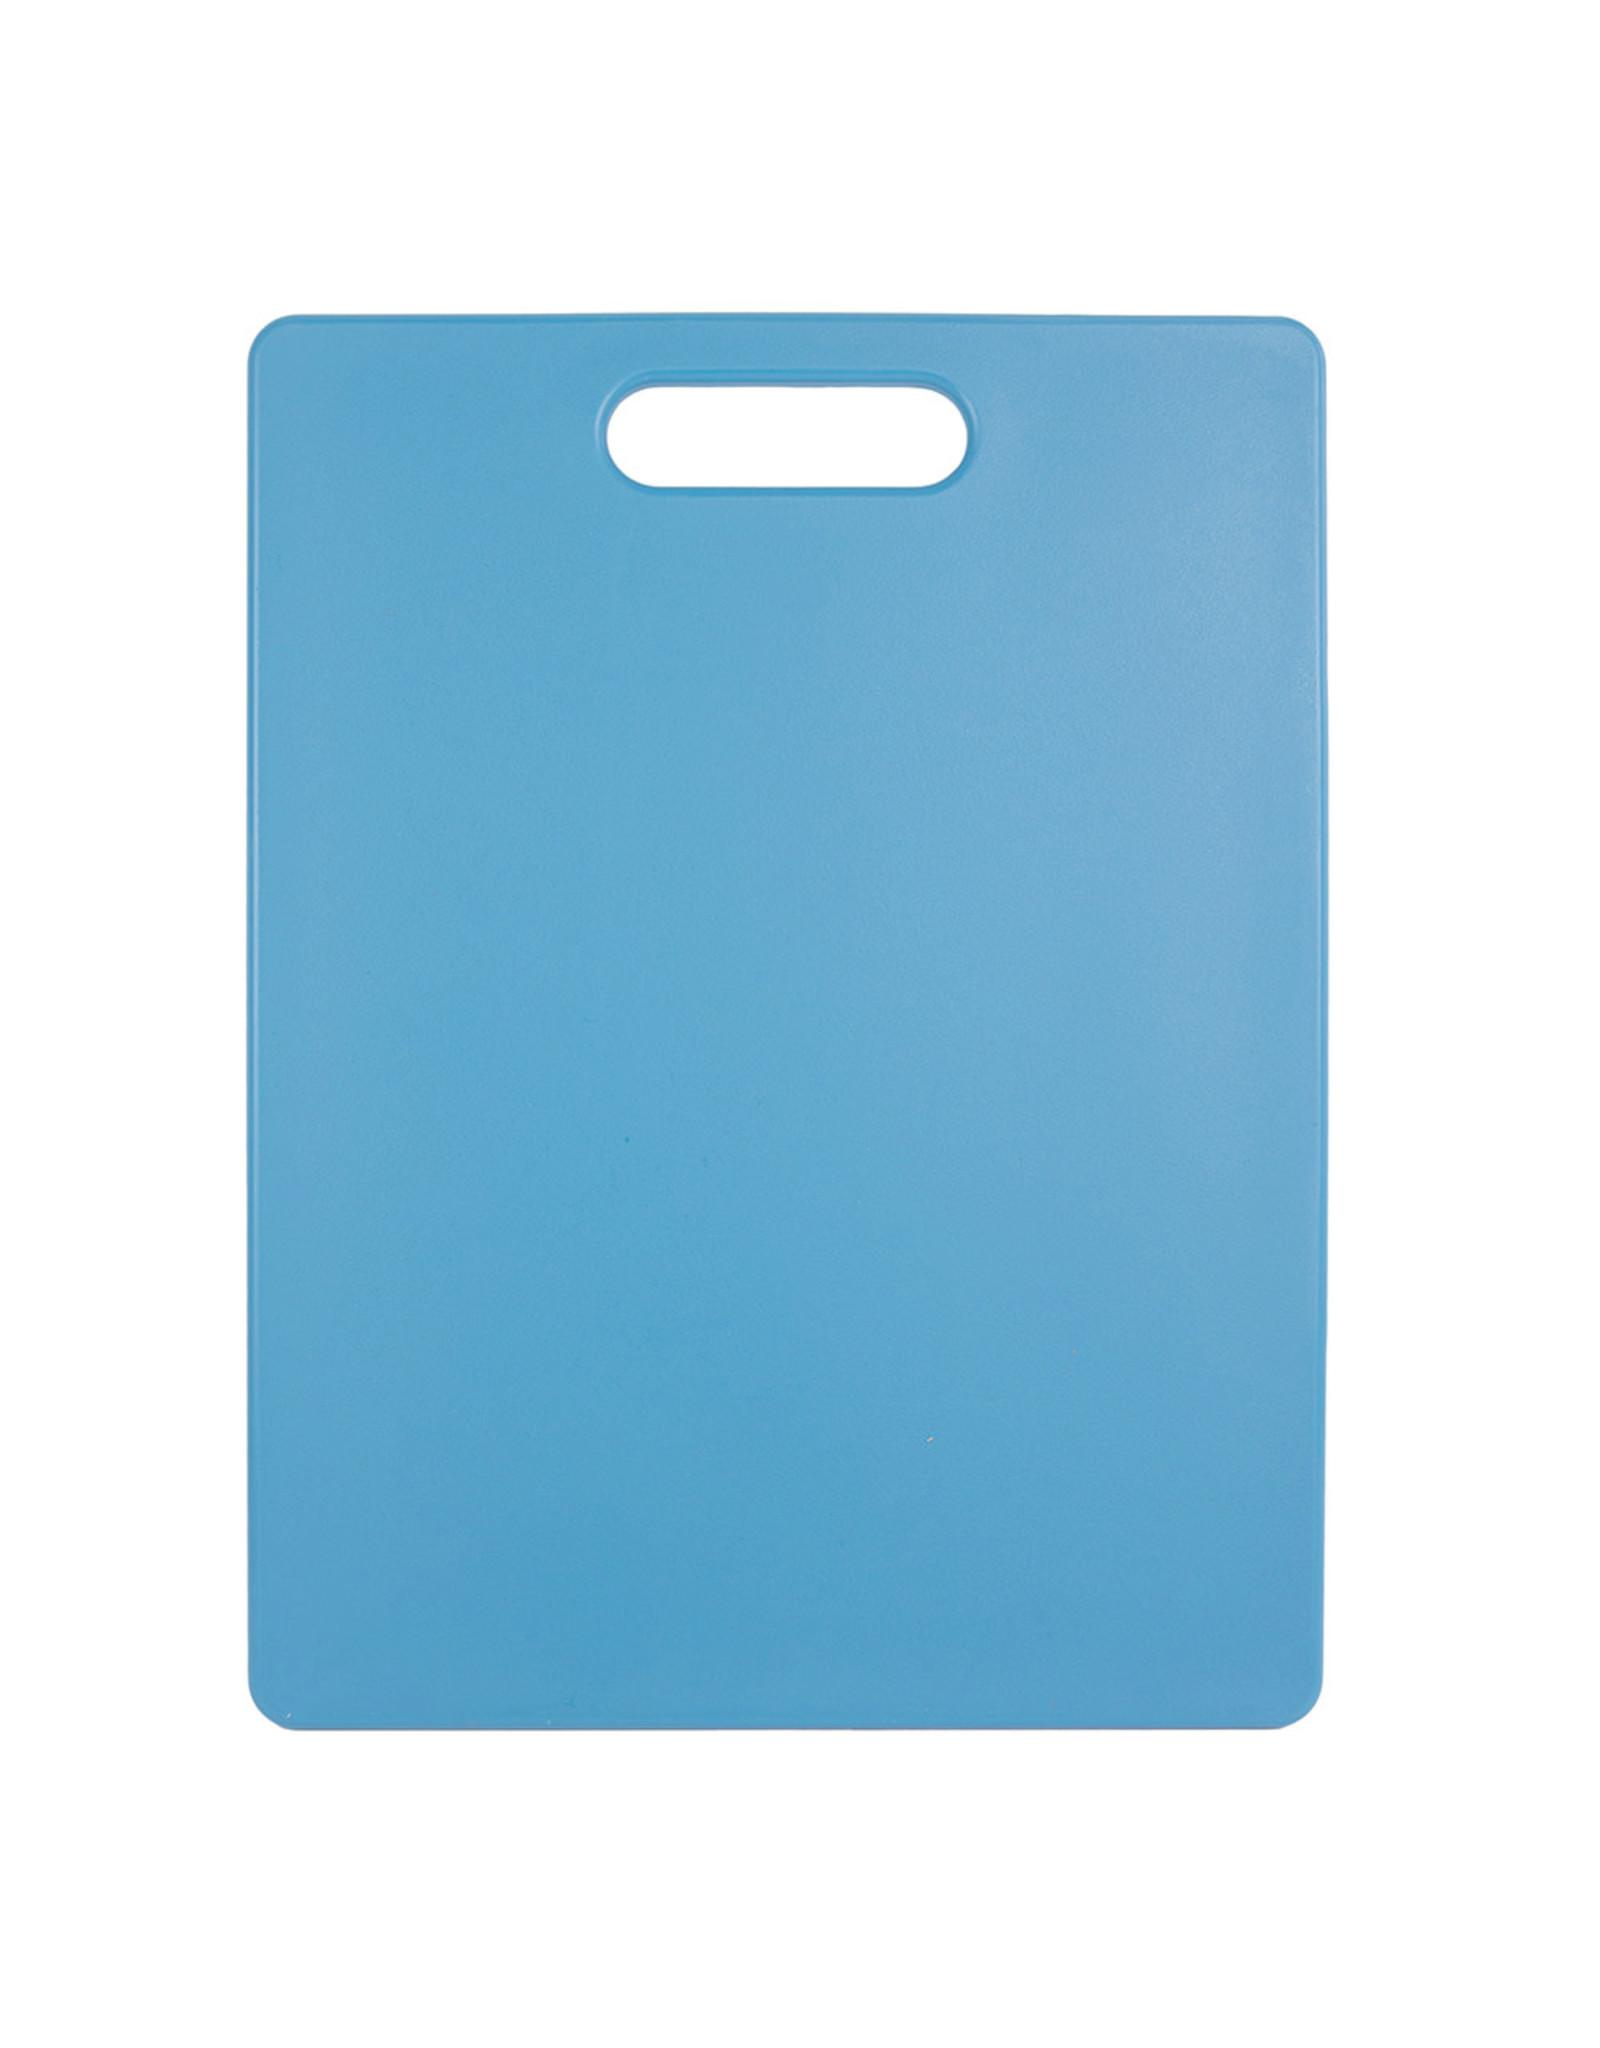 """Gripper Cutting Board 11"""" x 14"""" in Blue"""